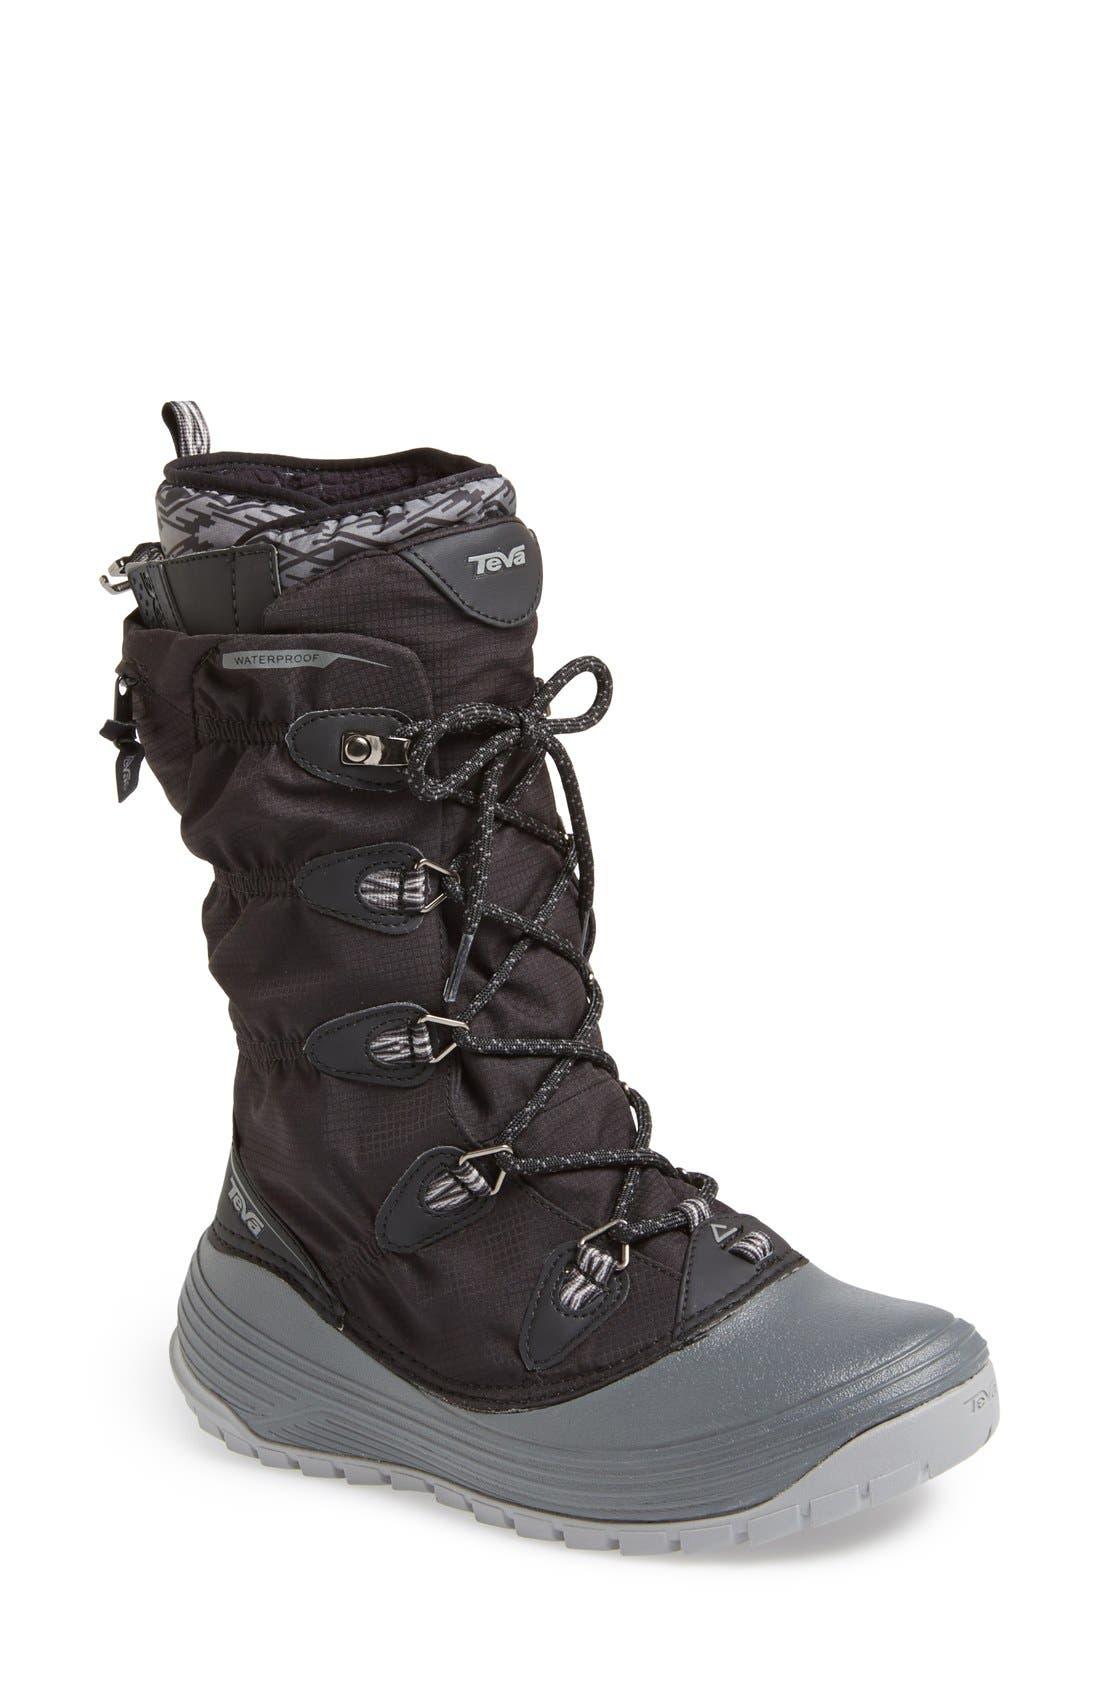 Alternate Image 1 Selected - Teva 'Jordanelle' Boot (Women)